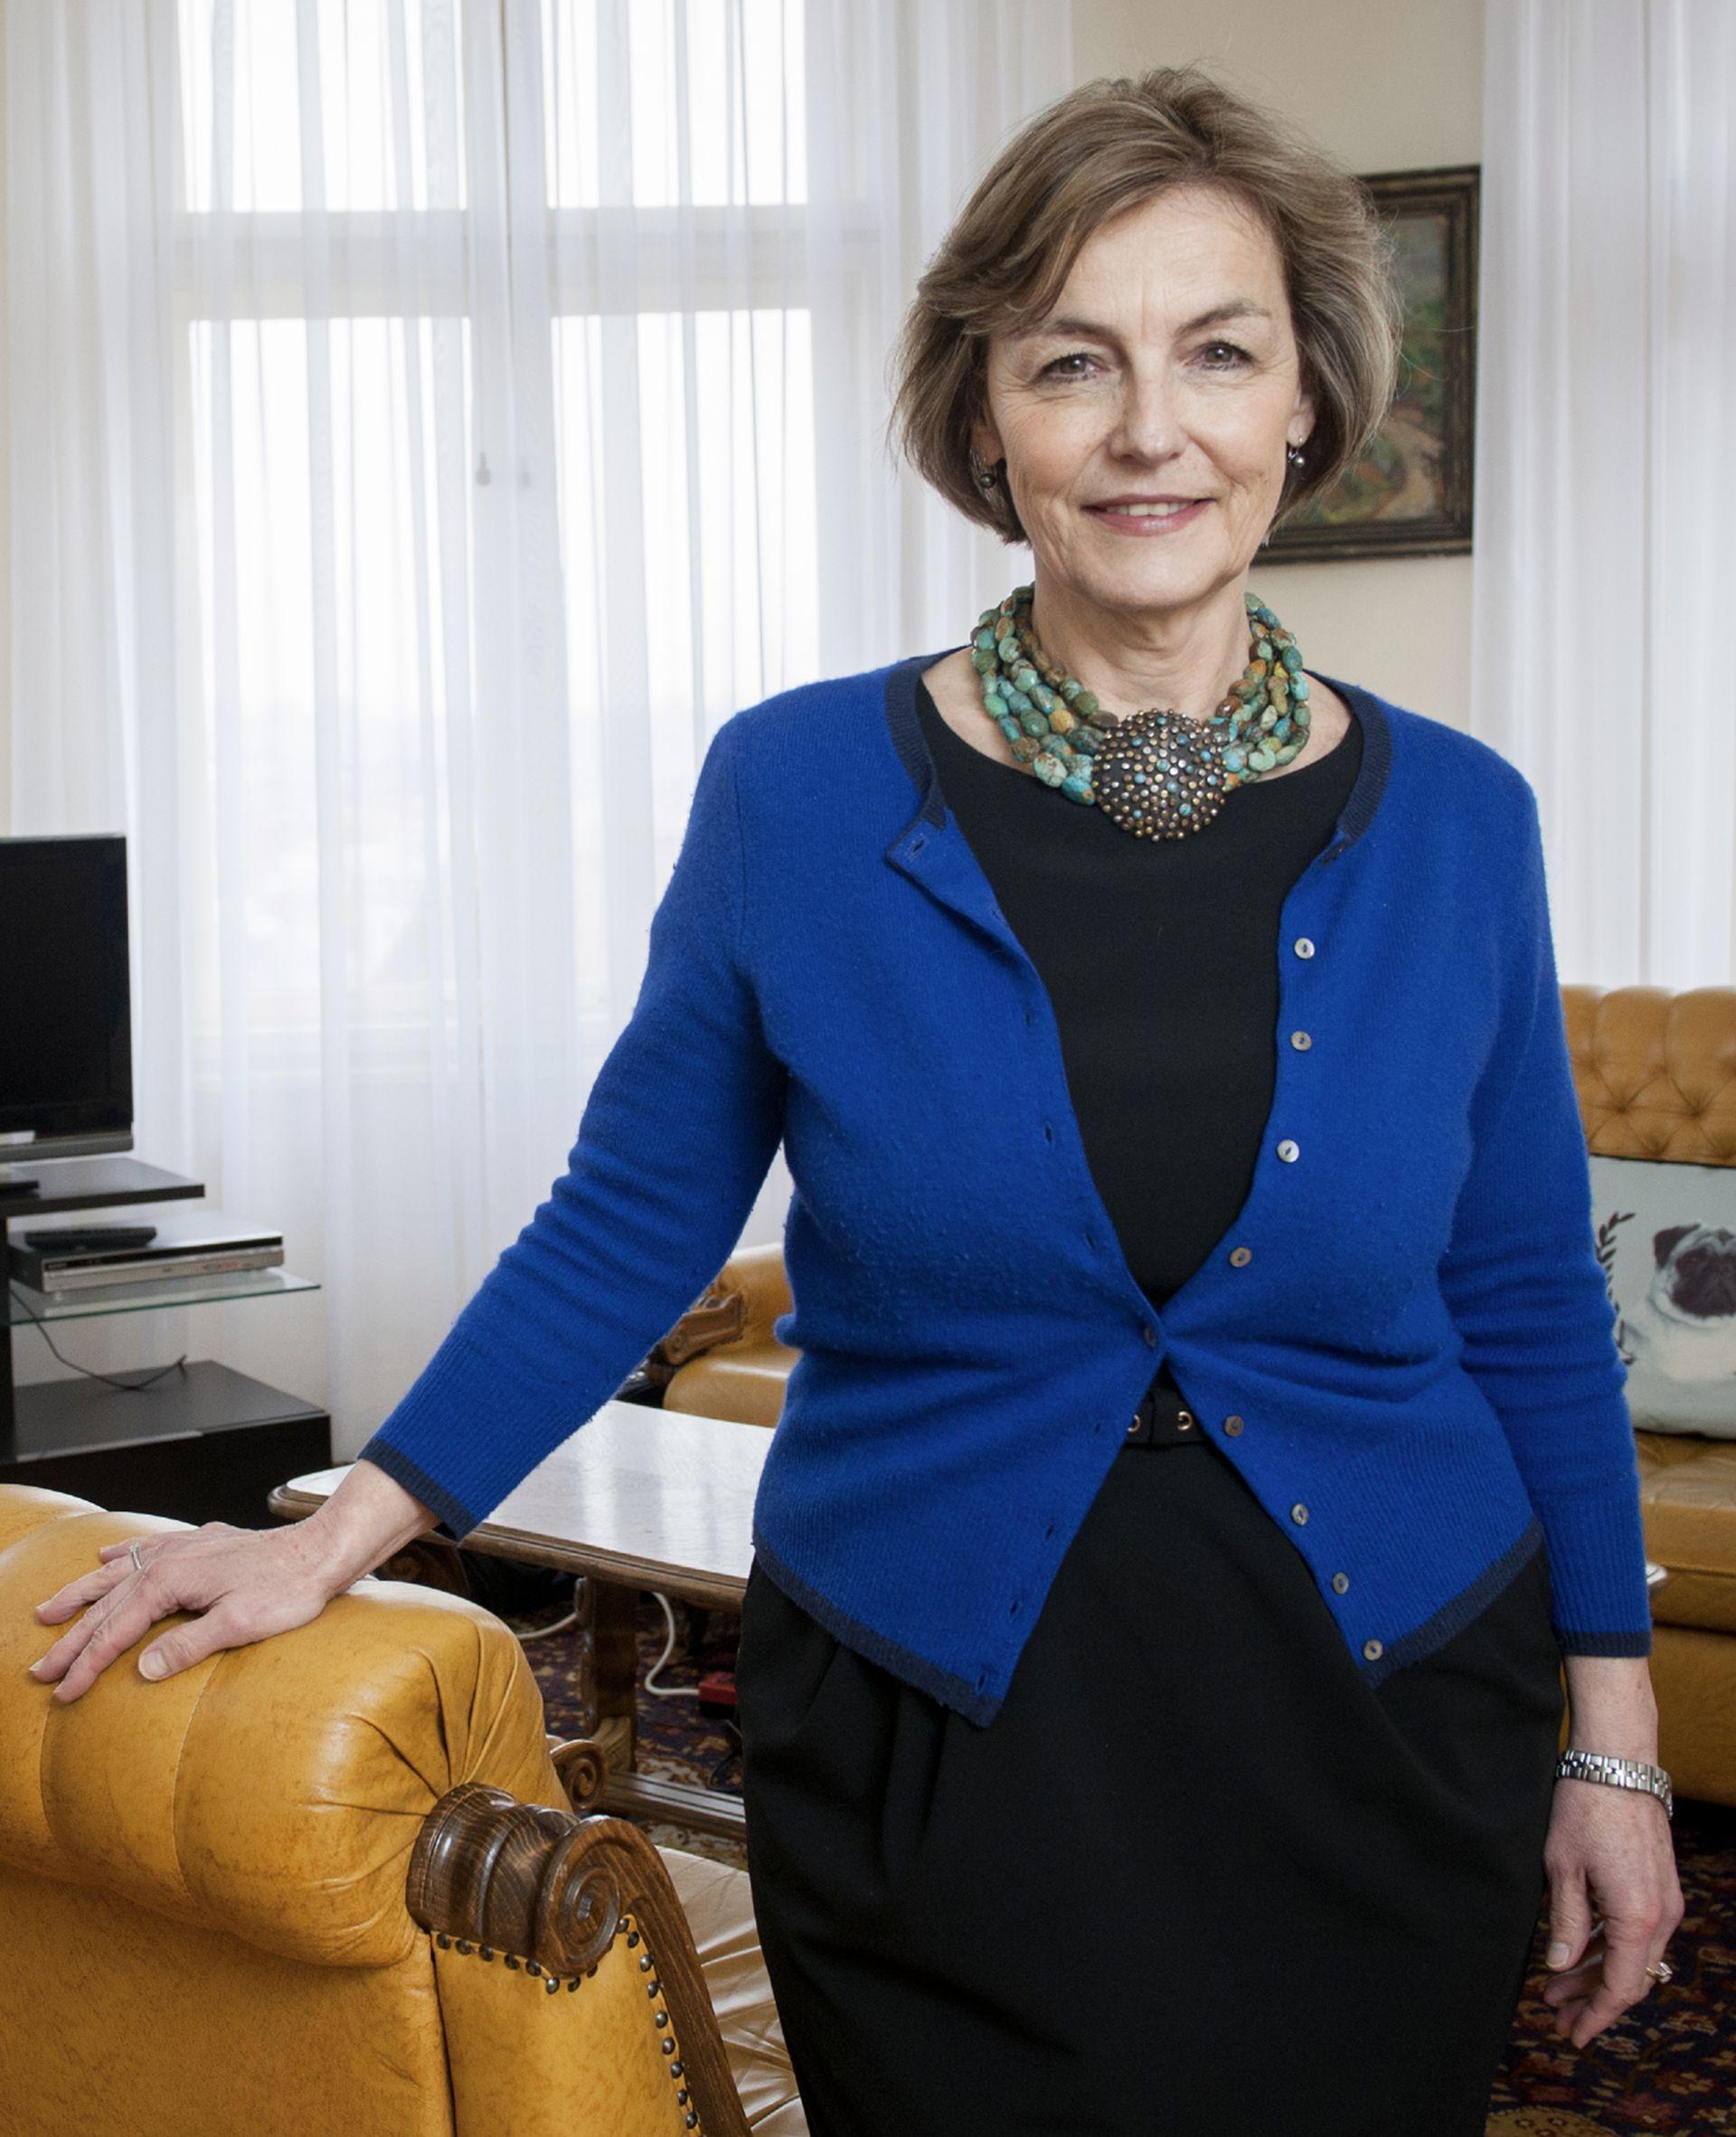 IZBORI ZA GLAVNOG TAJNIKA: Kandidatkinja Vesna Pusić odgovarala na pitanja članica UN-a